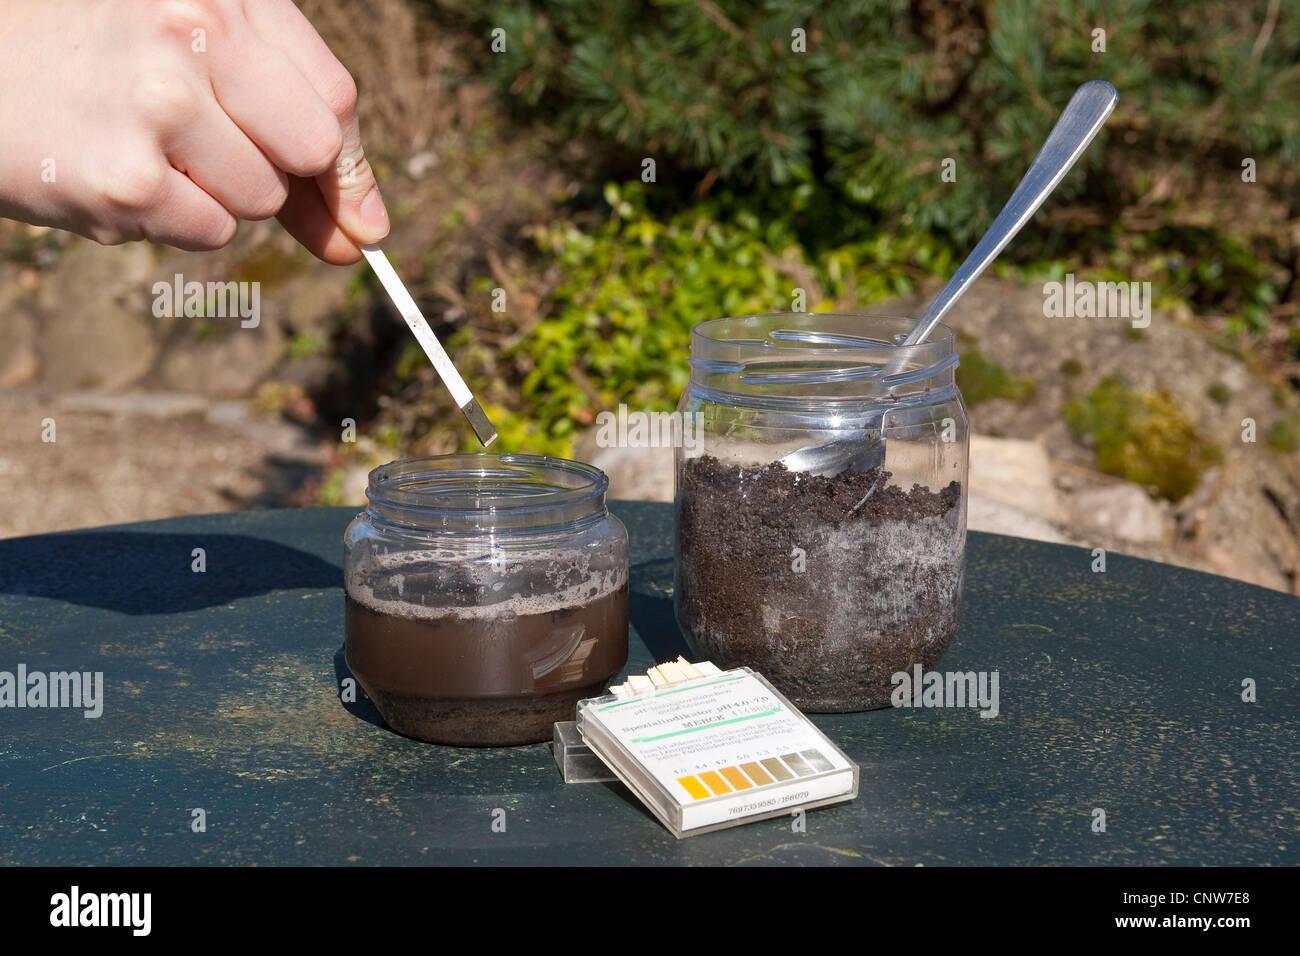 El valor de ph de una muestra de suelo ist probado con papel de tornasol, Alemania Foto de stock